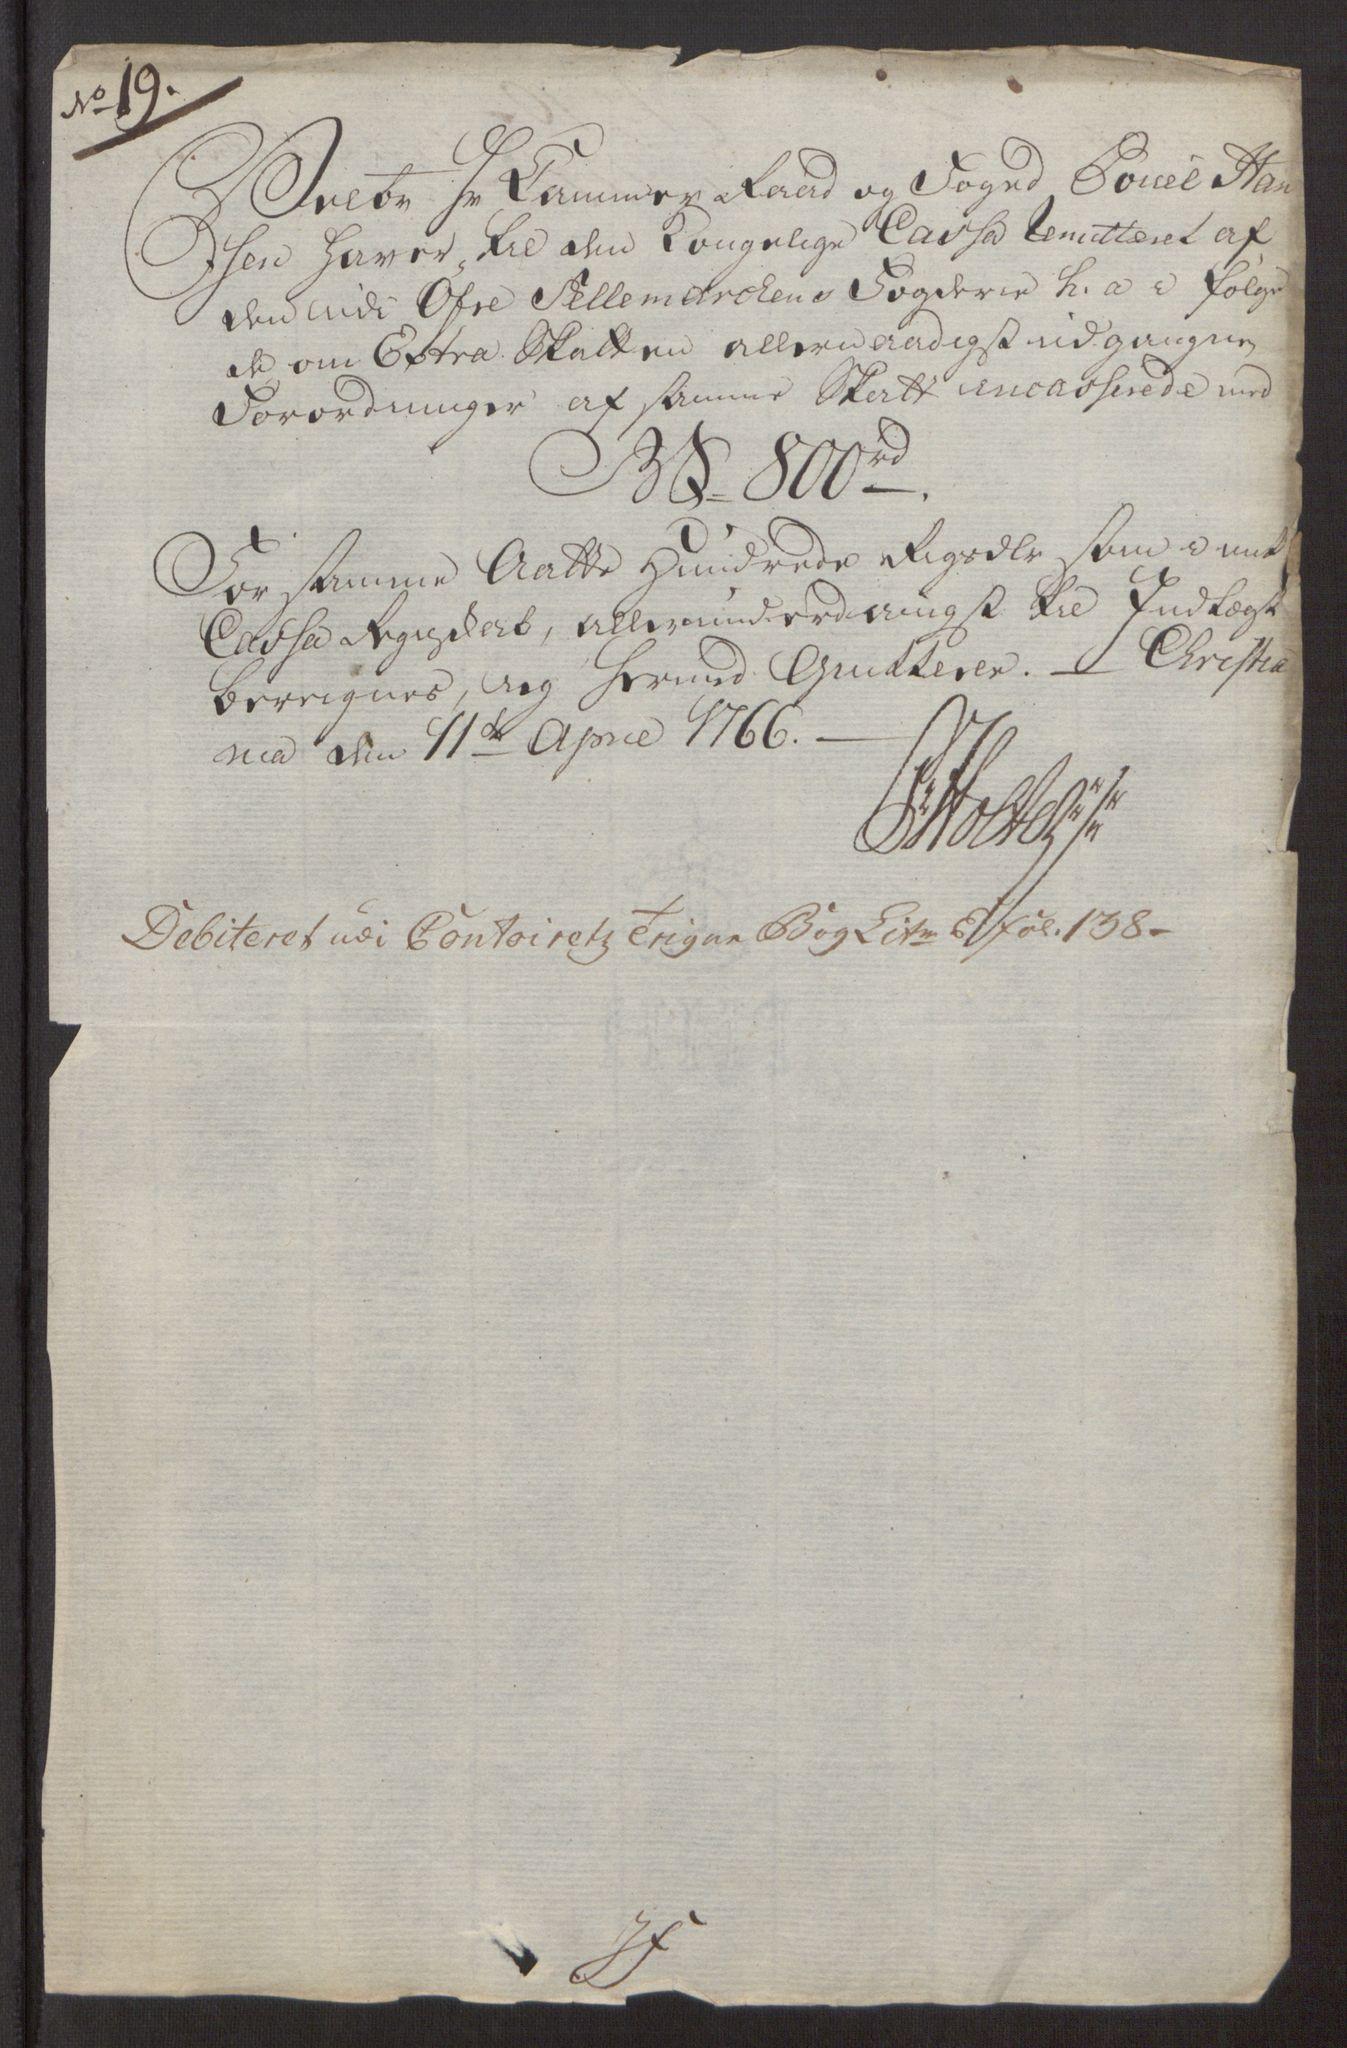 RA, Rentekammeret inntil 1814, Reviderte regnskaper, Fogderegnskap, R38/L2293: Ekstraskatten Øvre Telemark, 1762-1770, s. 65